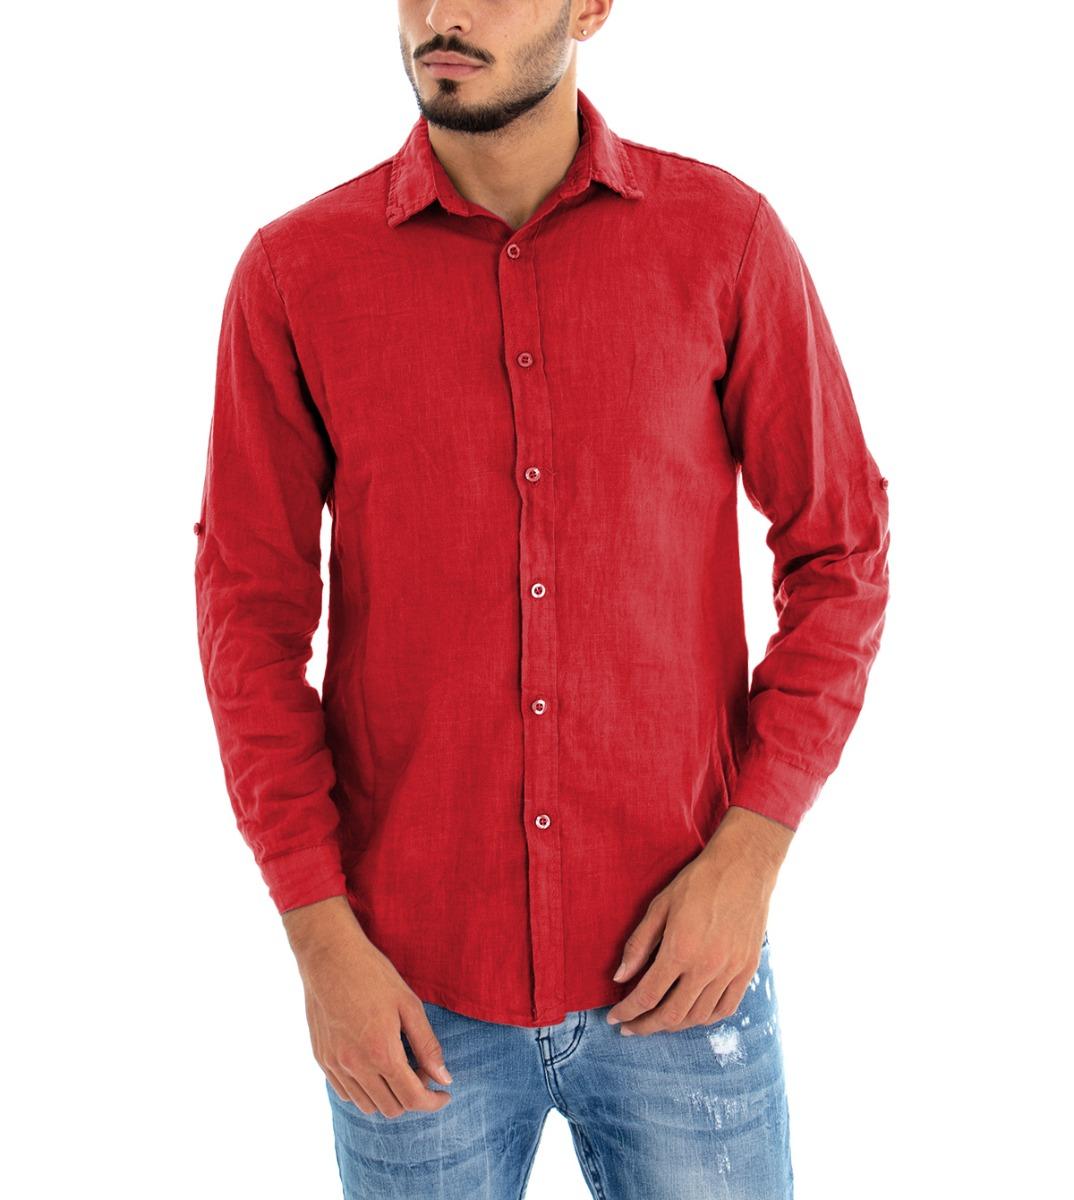 Camicia-Uomo-Lino-Maniche-Lunghe-Colletto-Tinta-Unita-Rossa-GIOSAL miniatura 2